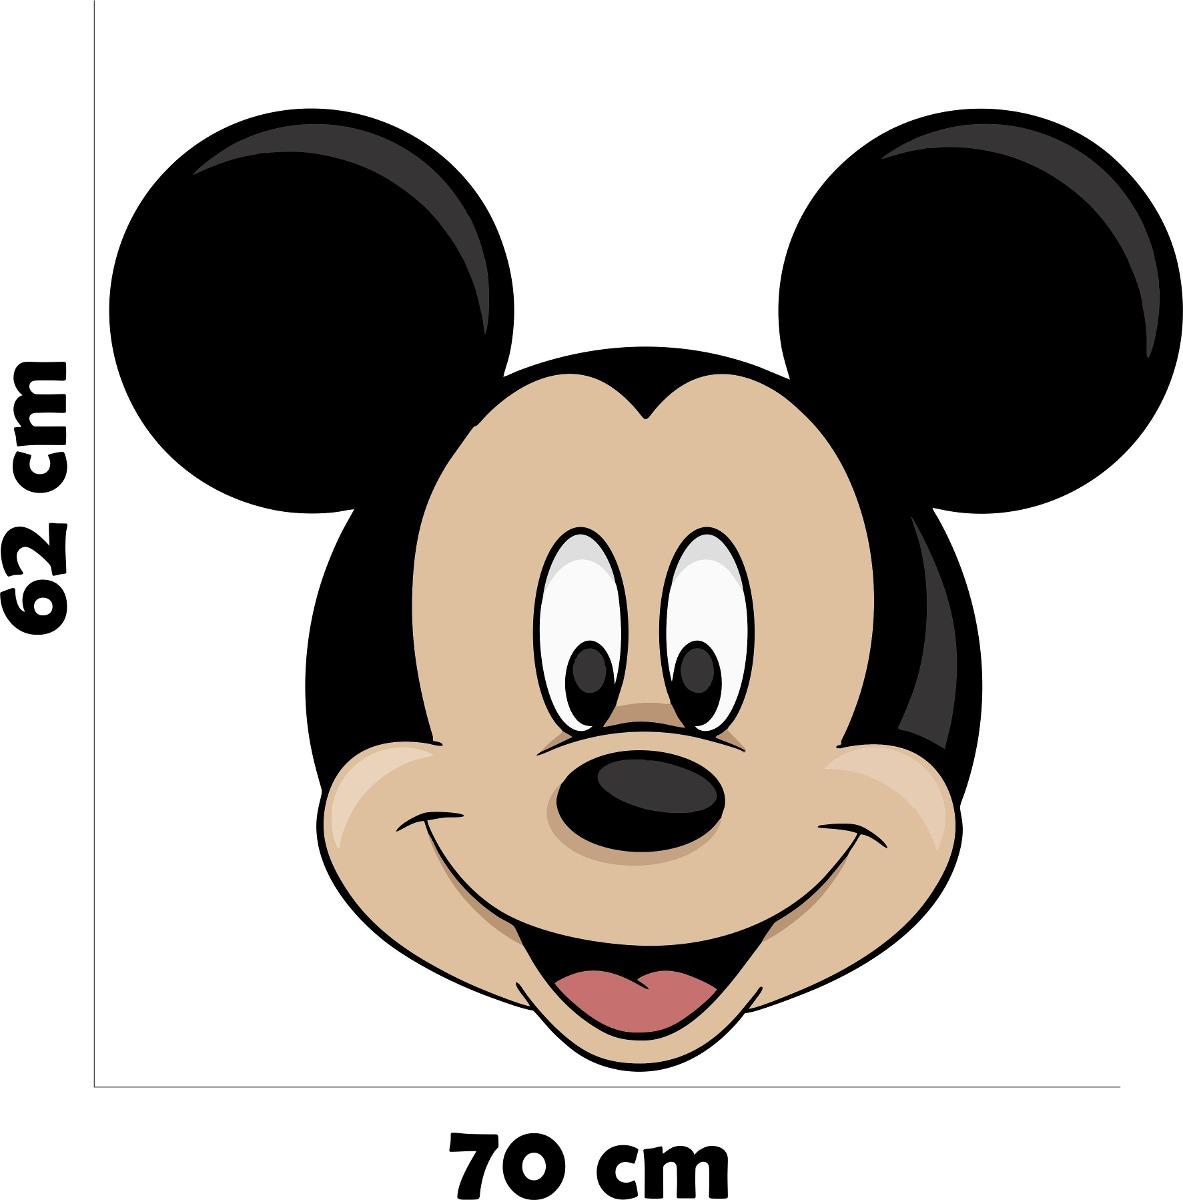 Armario Blanco Barato ~ Adesivo Parede Quarto Infantil Criança Mickey Rosto Disney R$ 39,99 em Mercado Livre